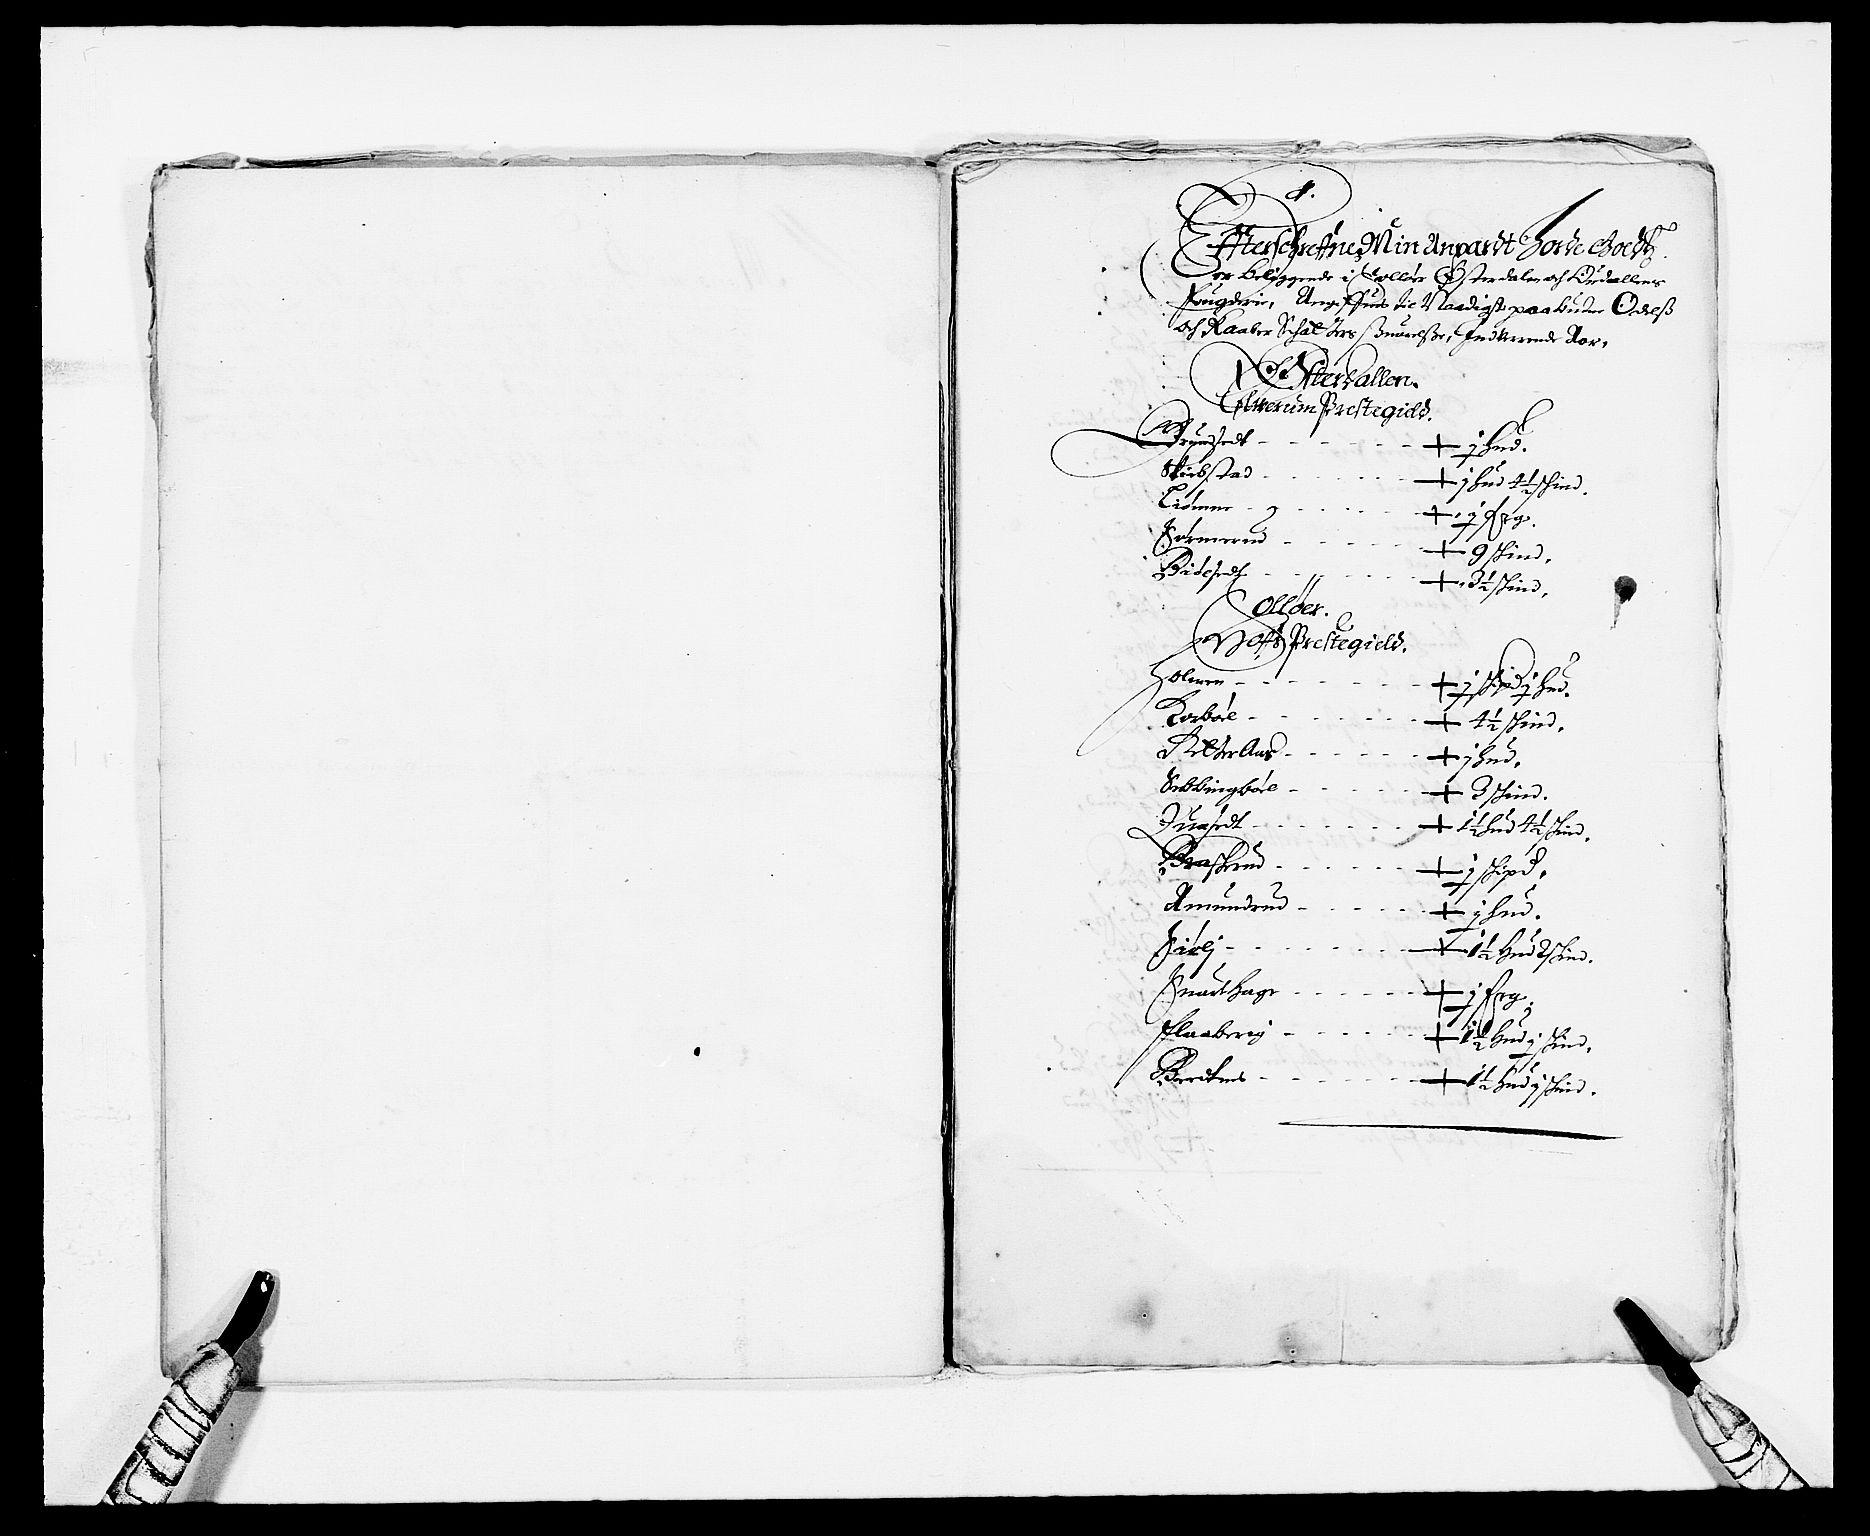 RA, Rentekammeret inntil 1814, Reviderte regnskaper, Fogderegnskap, R13/L0808: Fogderegnskap Solør, Odal og Østerdal, 1675, s. 40